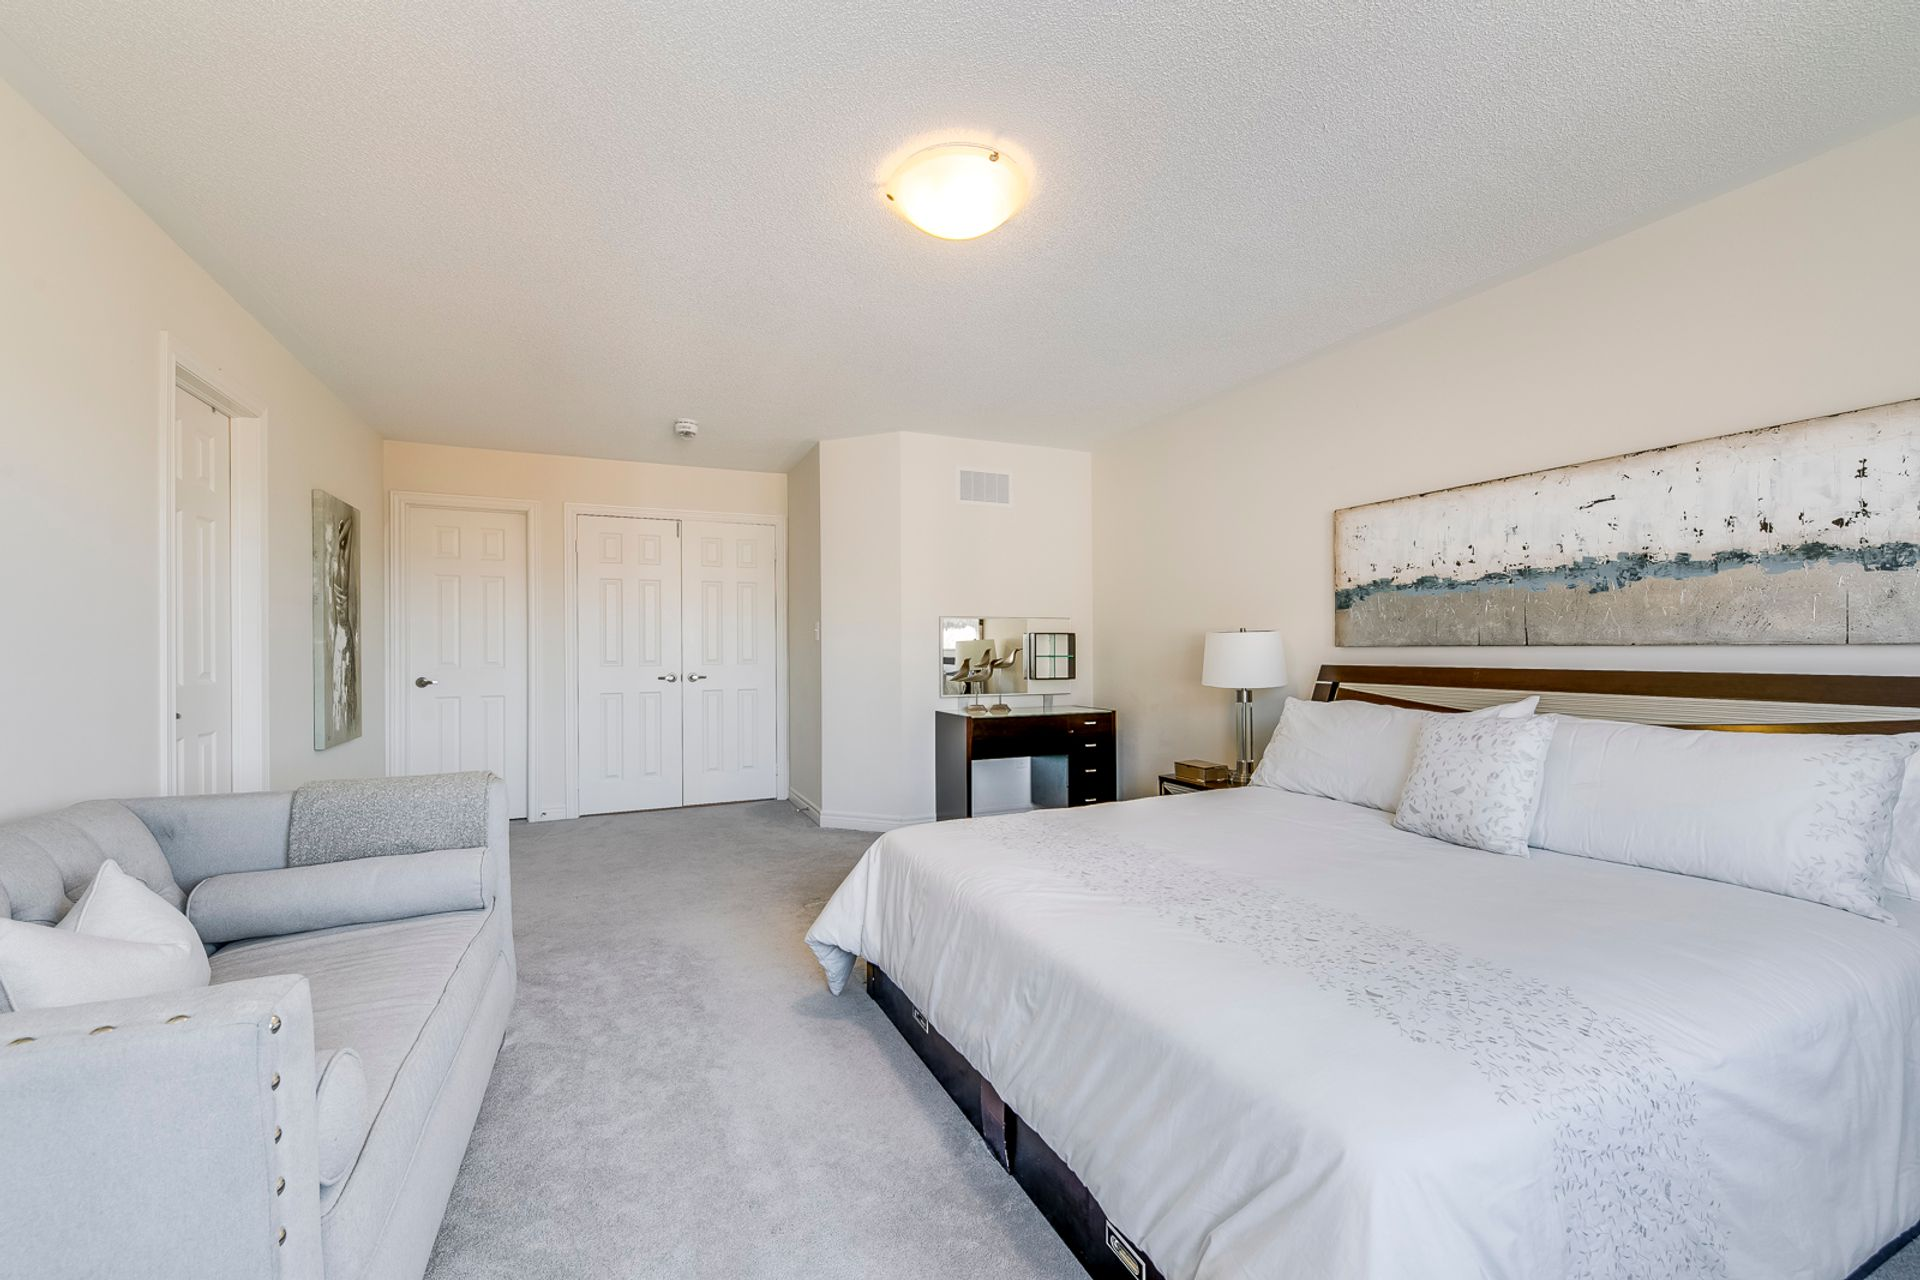 Master Bedroom - 3045 Max Khan Blve, Oakville - Elite3 & Team at 3045 Max Khan Boulevard, Rural Oakville, Oakville